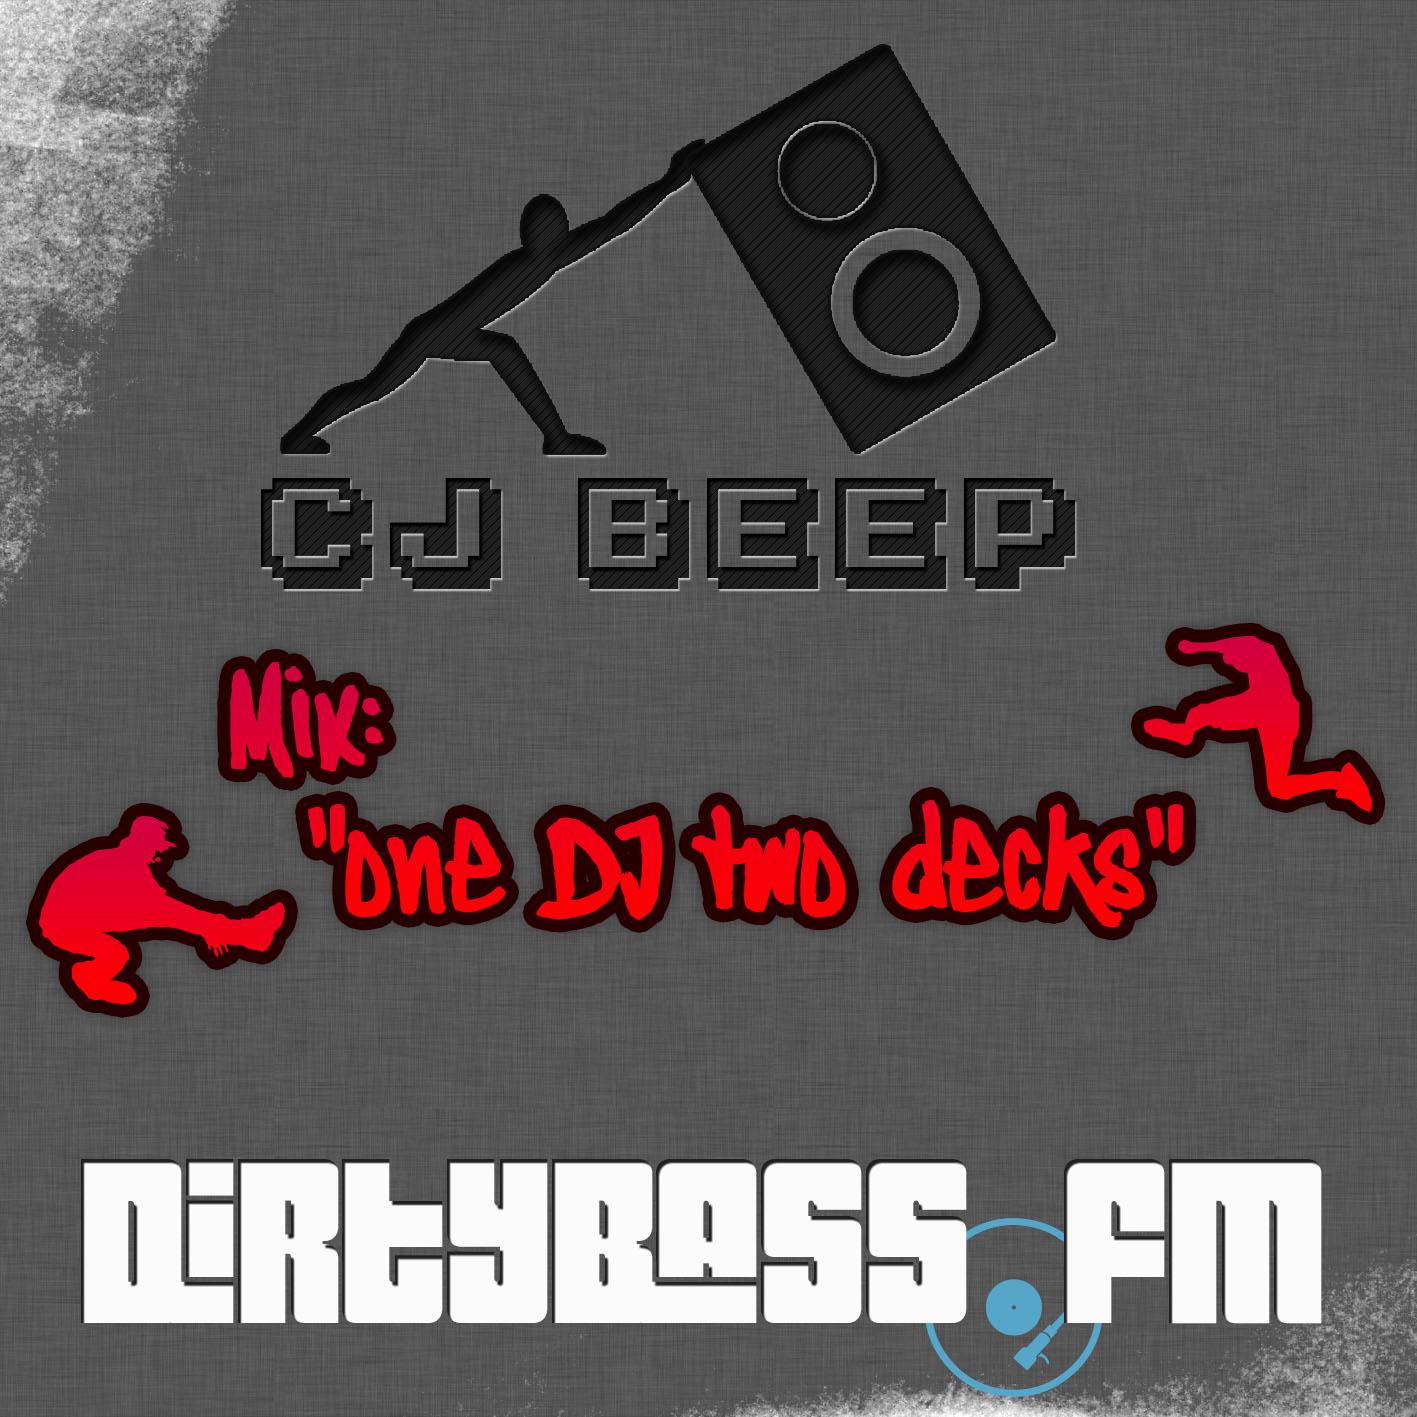 Cj_BEEP-  Two decks one DJ